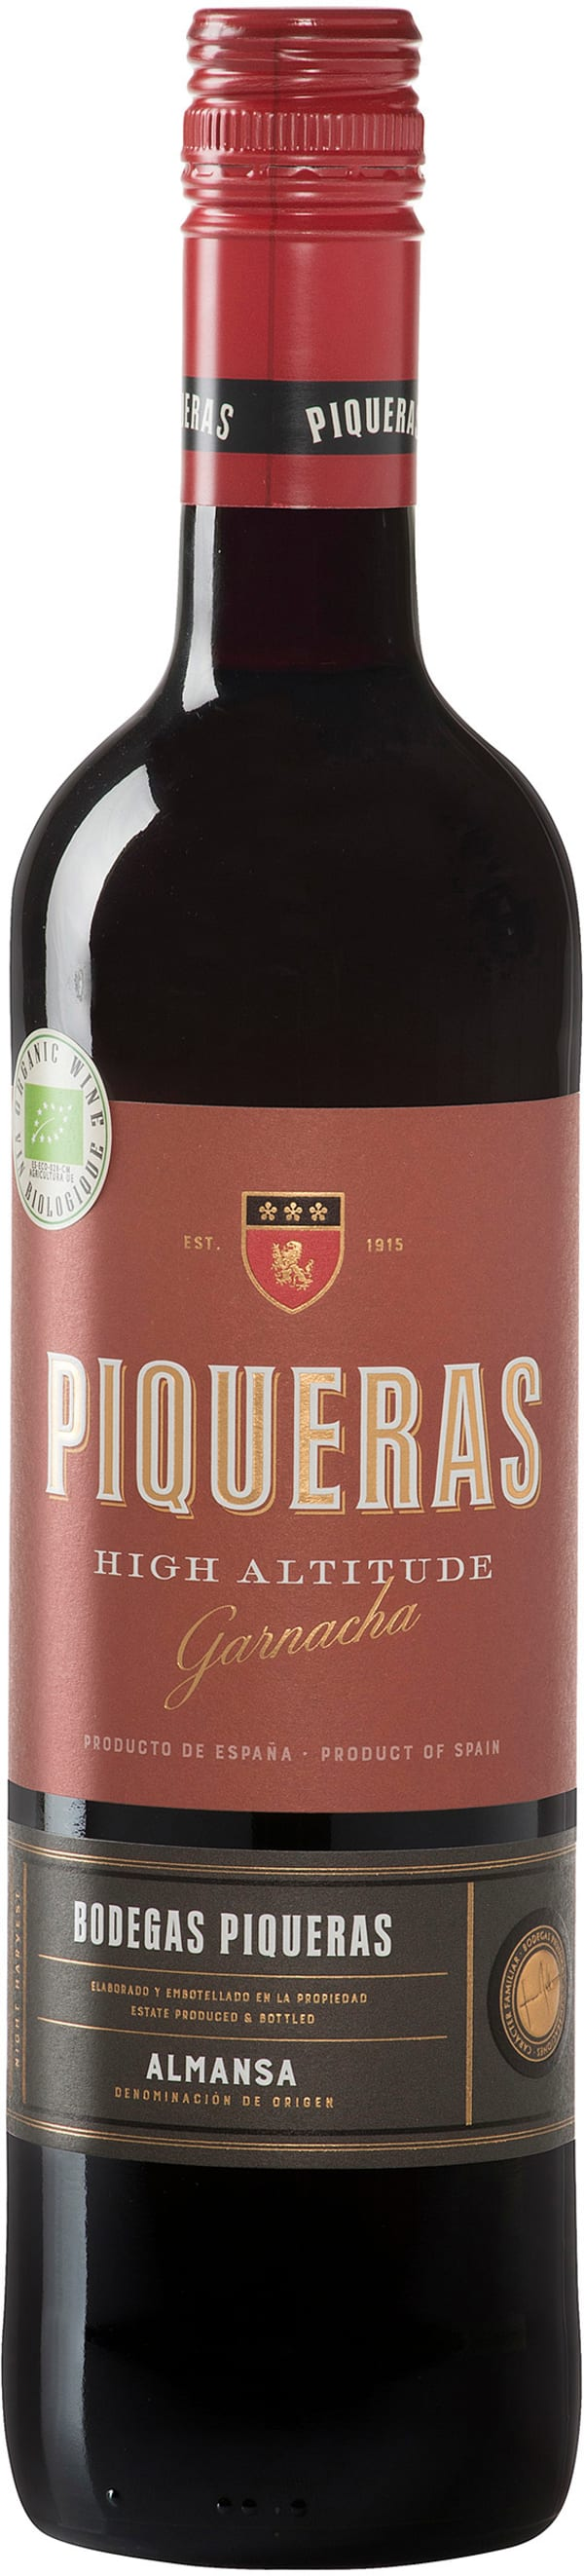 Piqueras High Altitude Garnacha Organic 2017